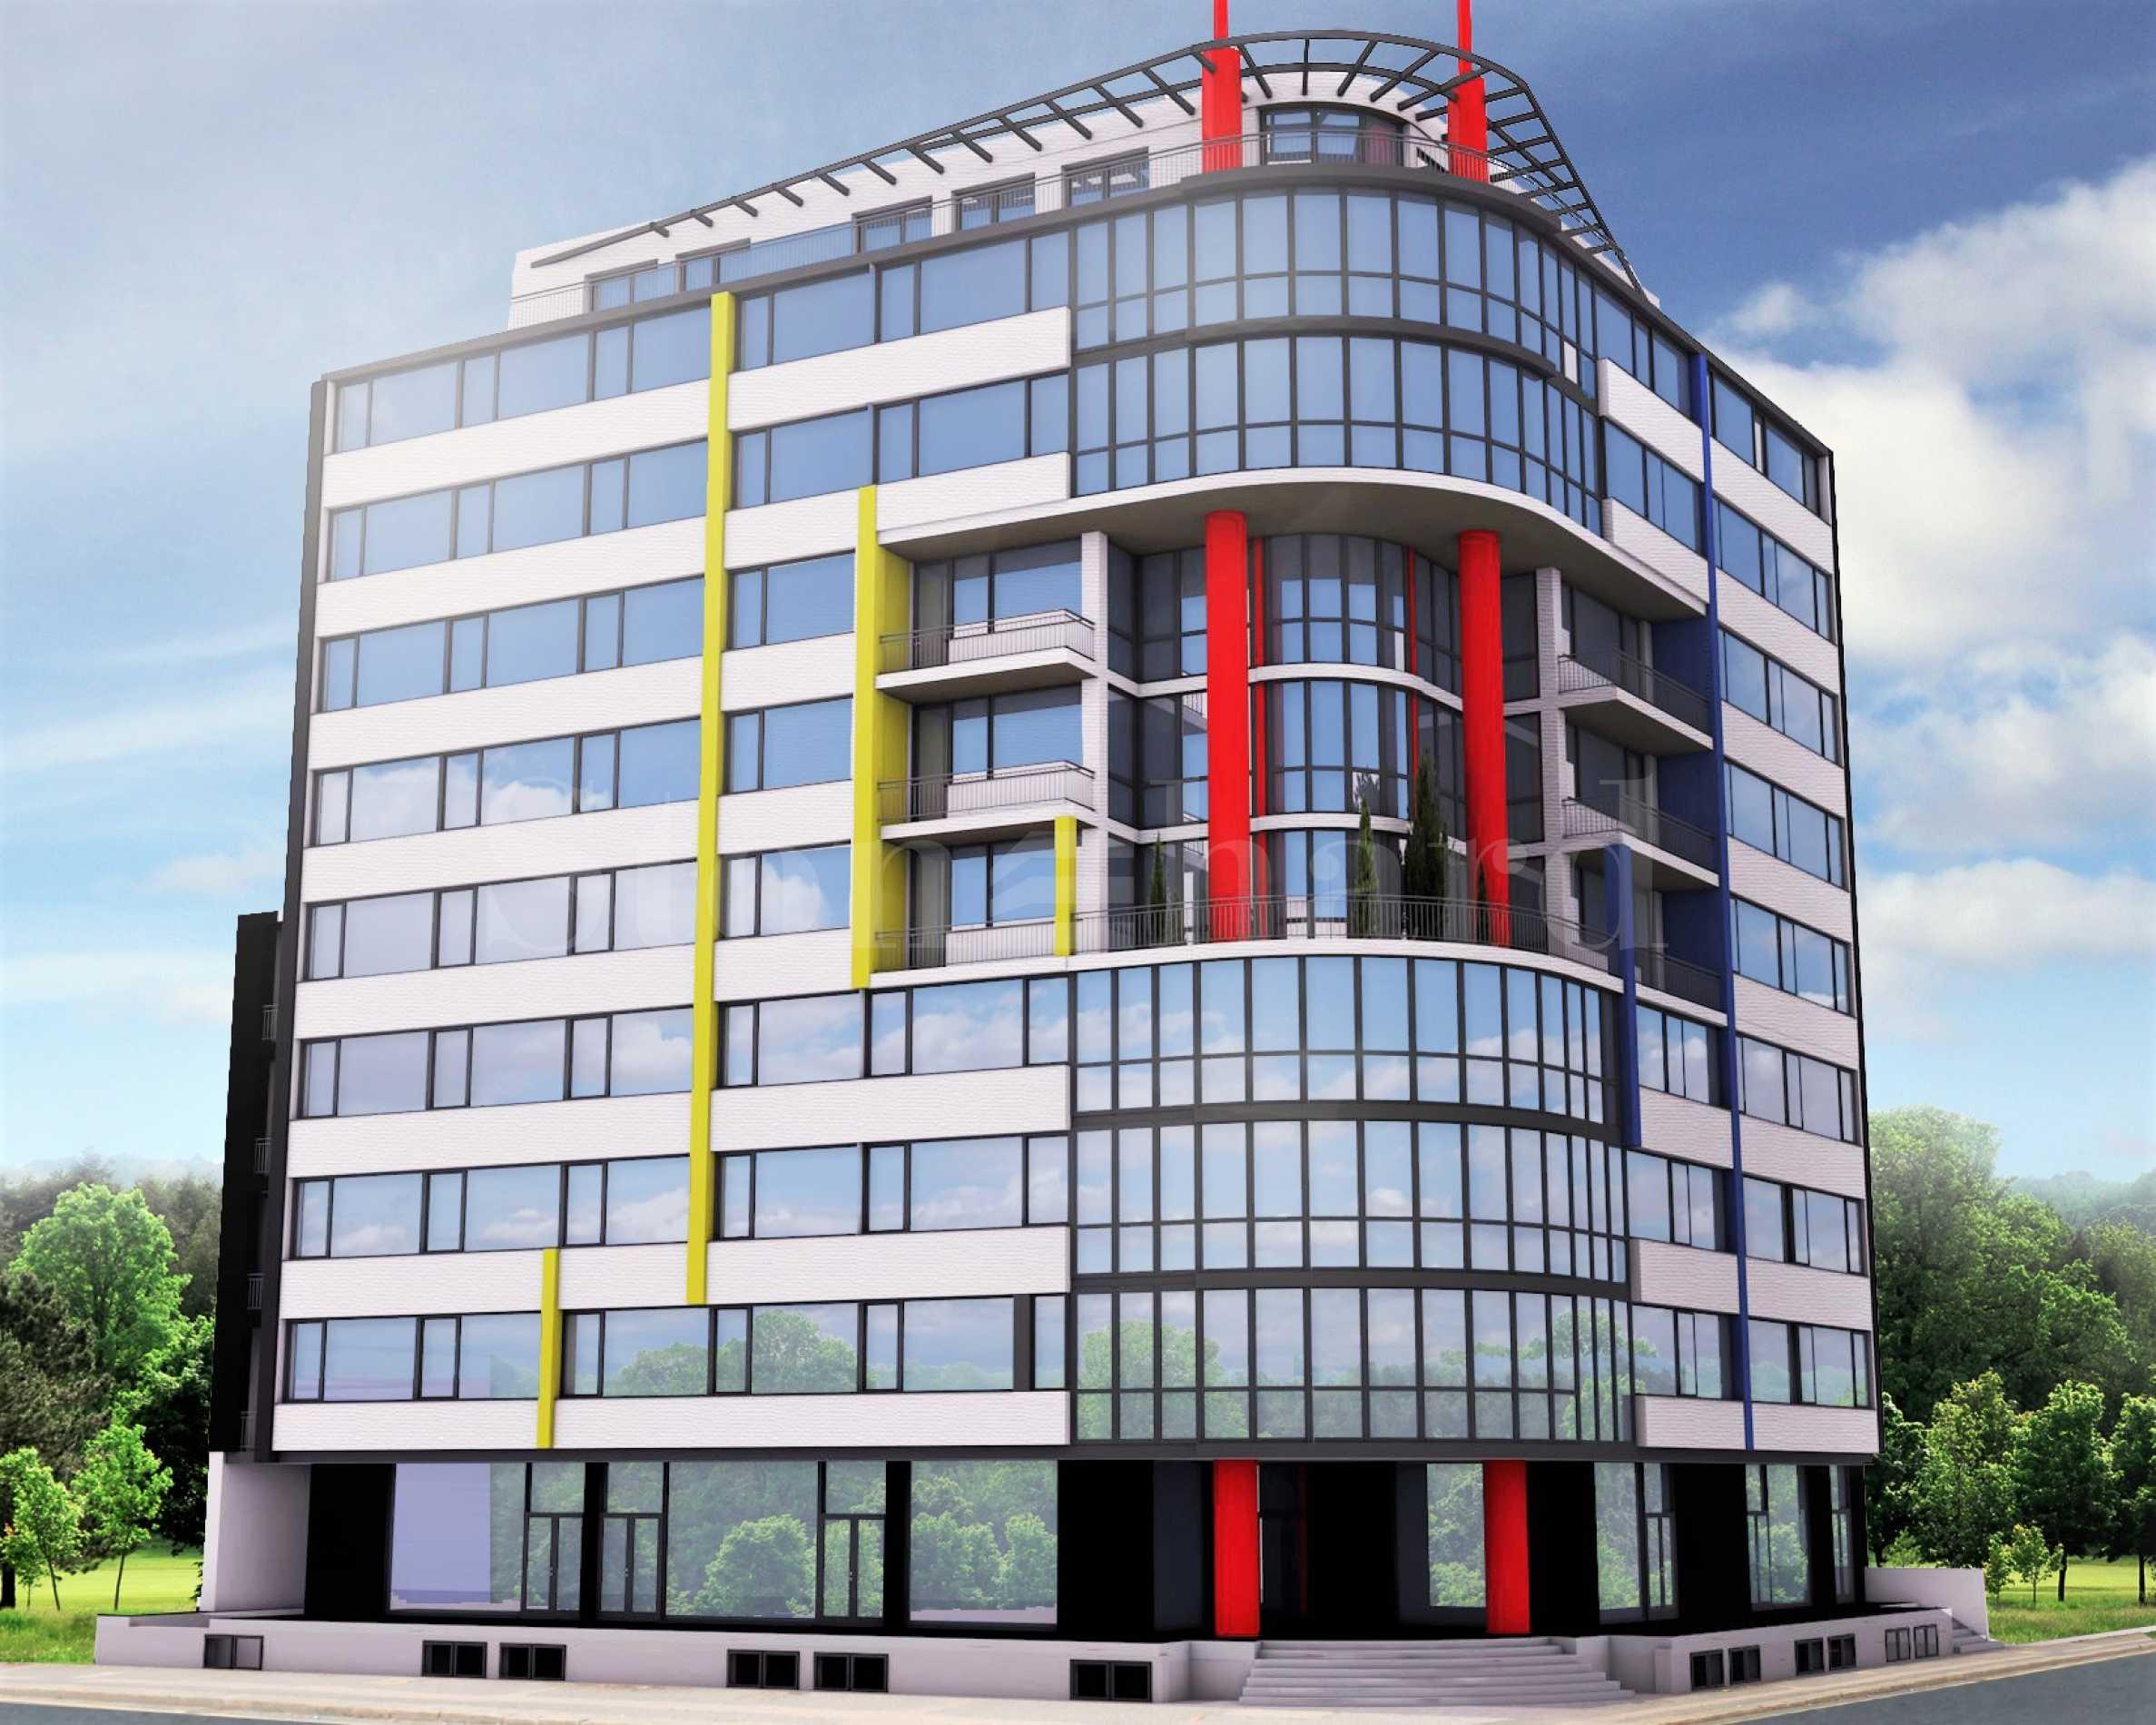 Модерна сграда с апартаменти и бизнес имоти до Летище София1 - Stonehard